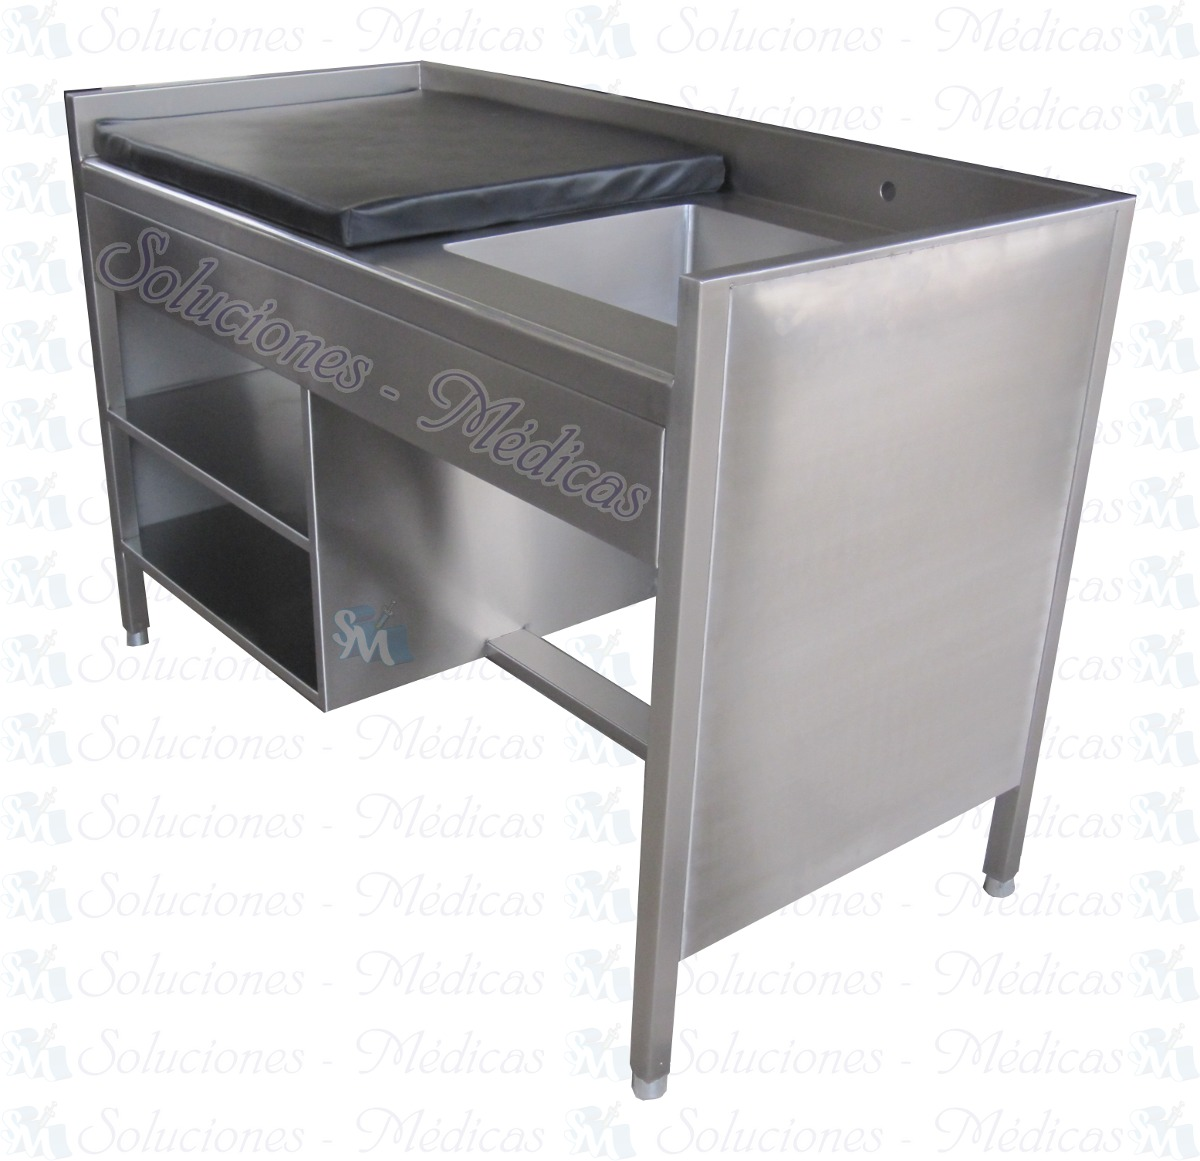 Ba o artesa de acero inoxidable 26 en mercado libre for Muebles para bano acero inoxidable